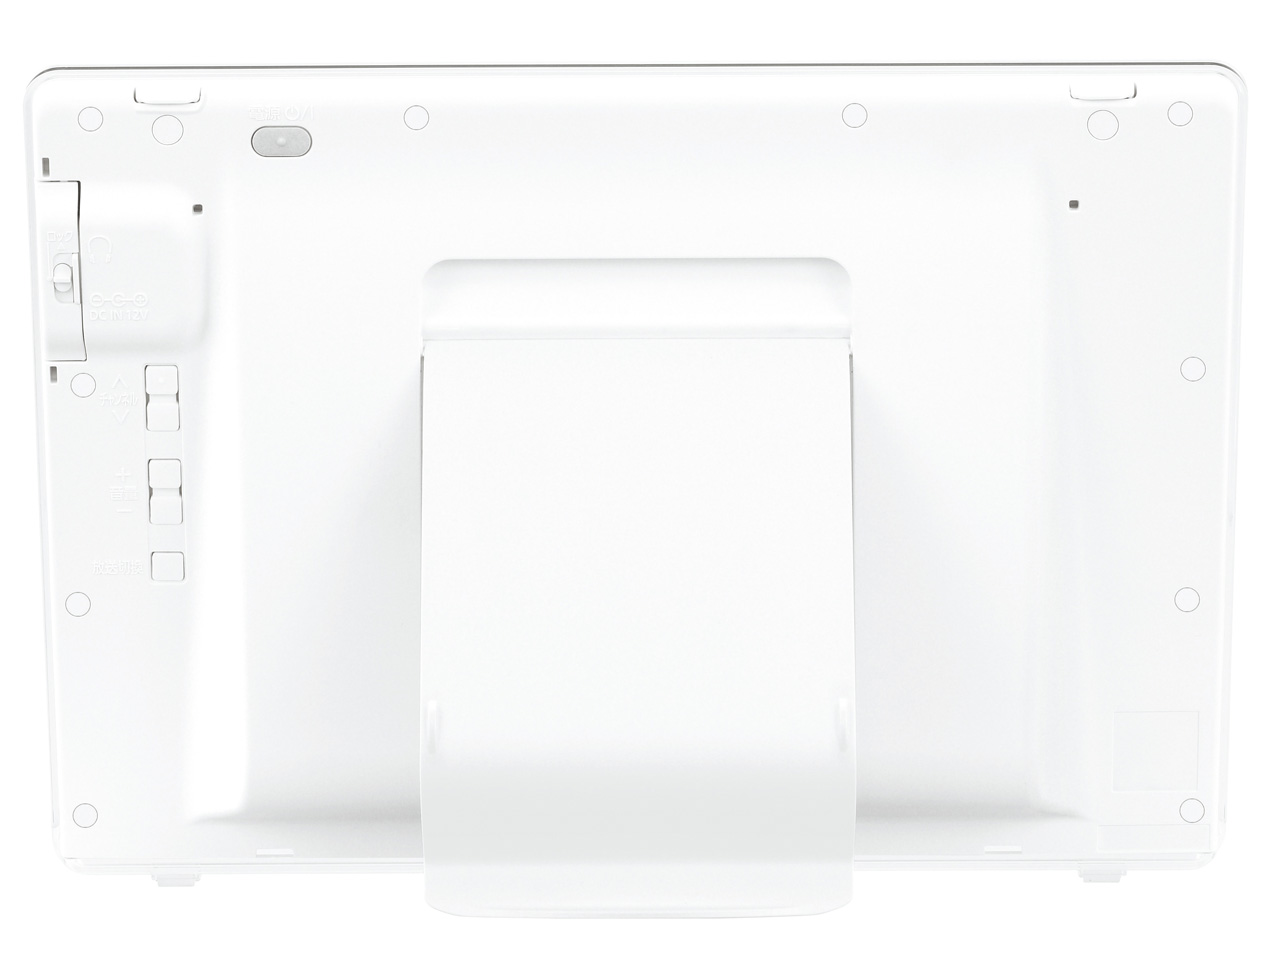 『本体 背面』 プライベート・ビエラ UN-10E8 の製品画像